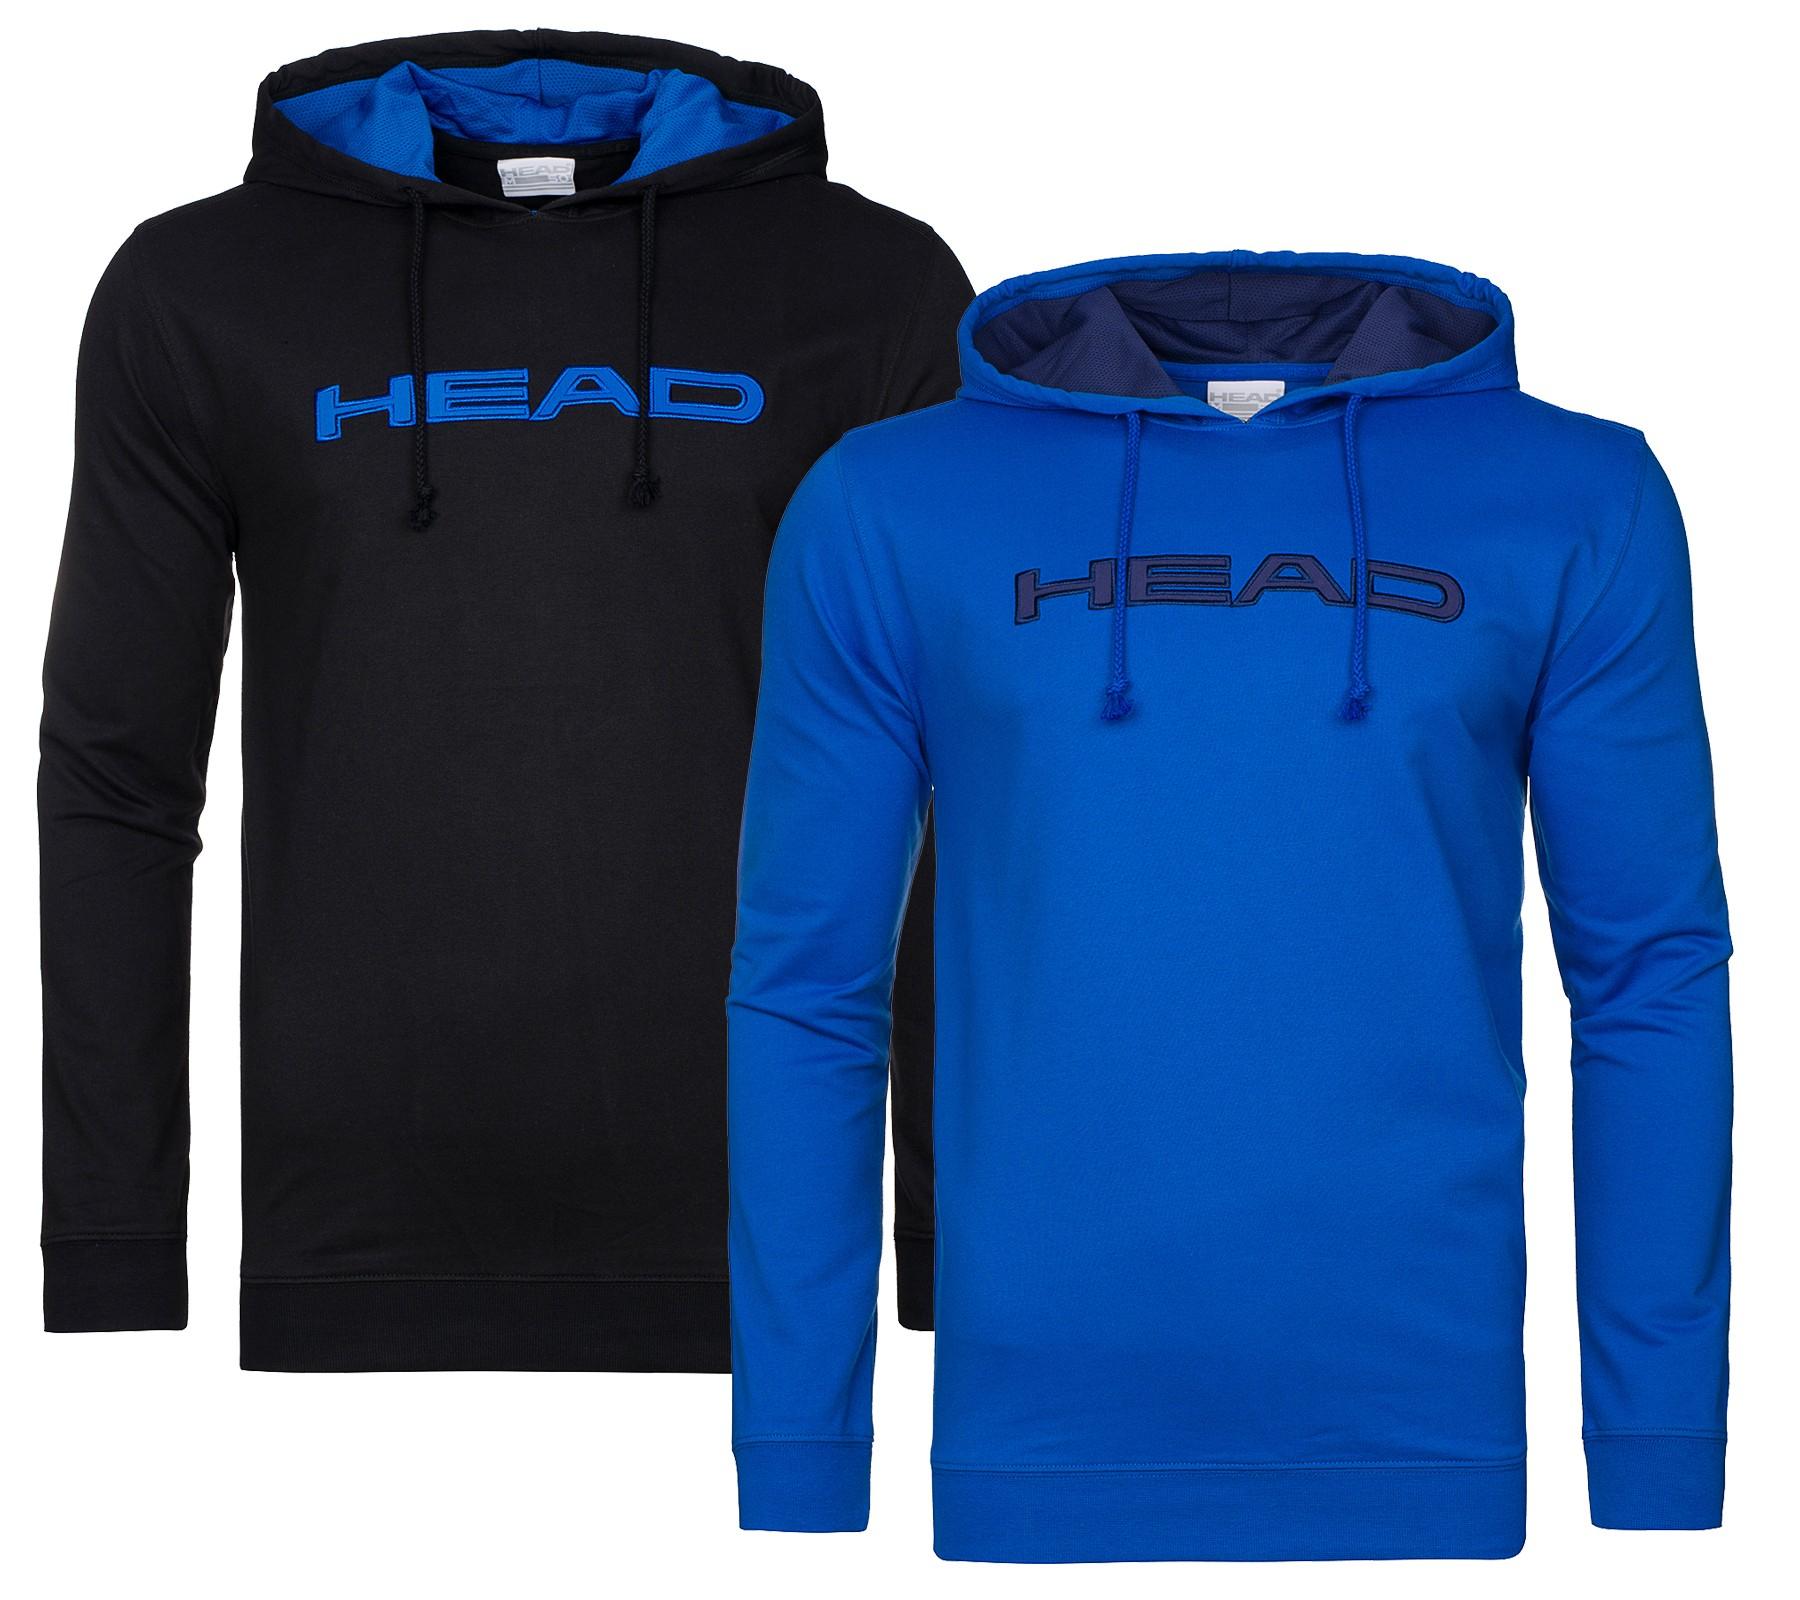 HEAD Sweatshirts S/XS (Restgrößen)